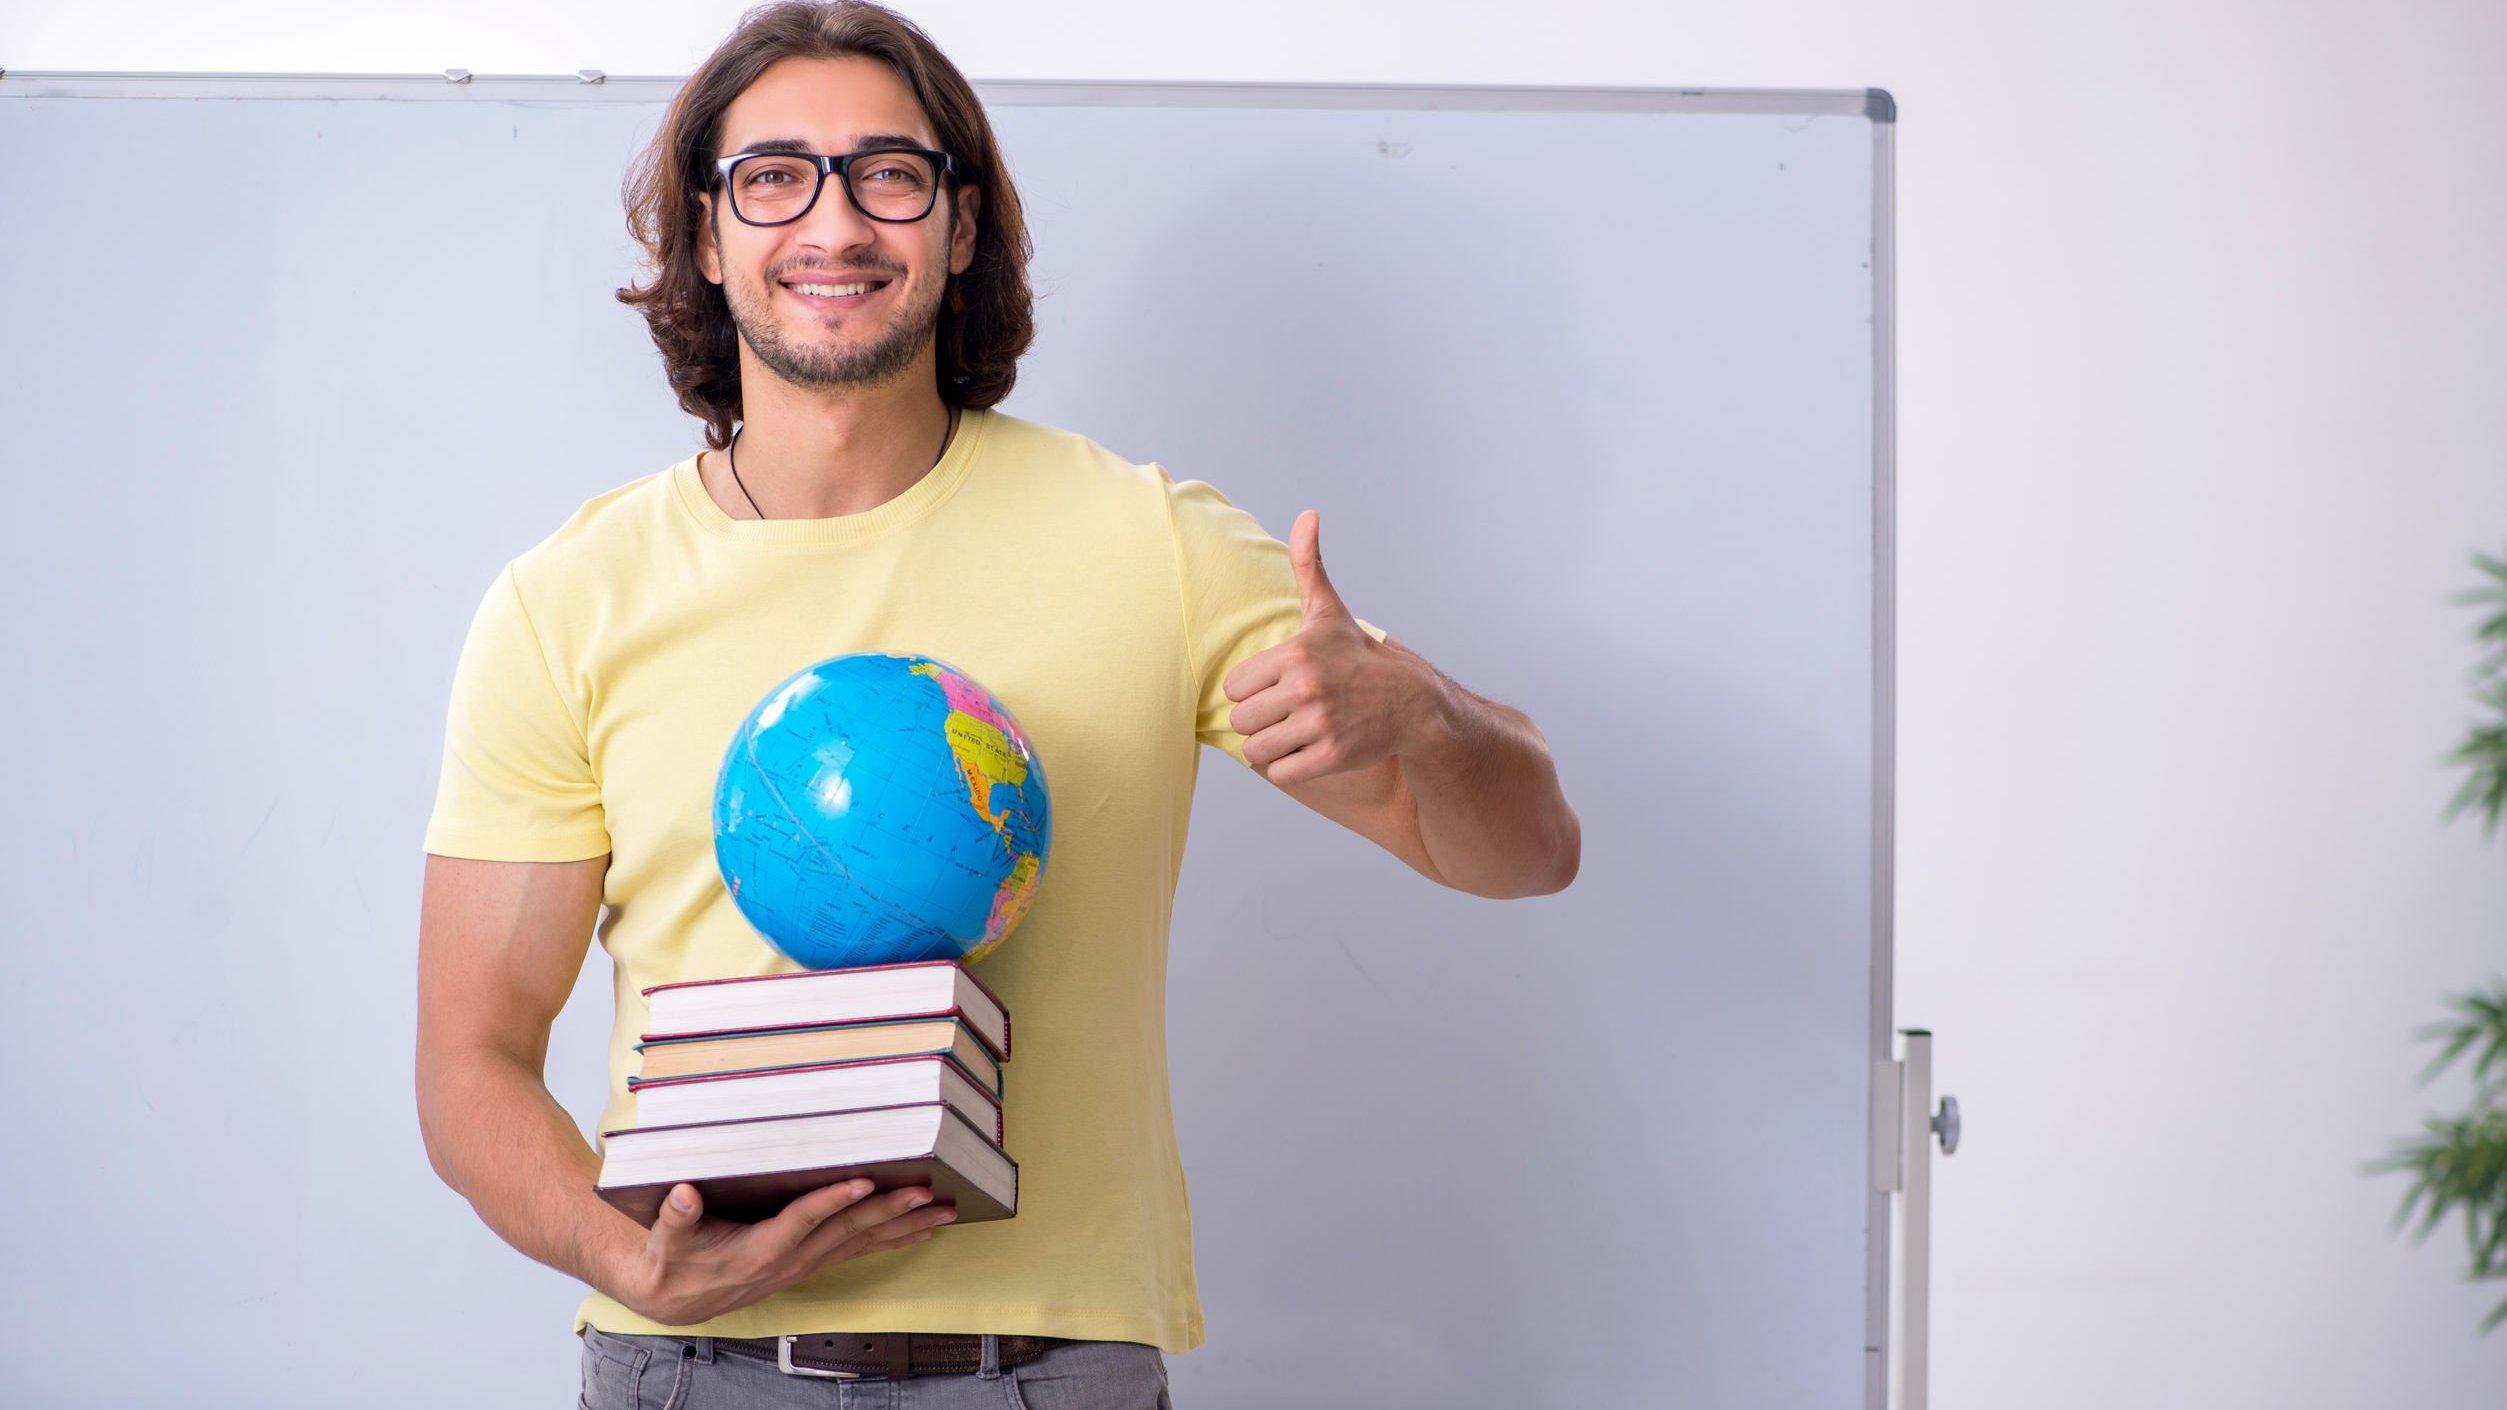 Homem geógrafo sorrindo, segurando livros e globo terrestre.